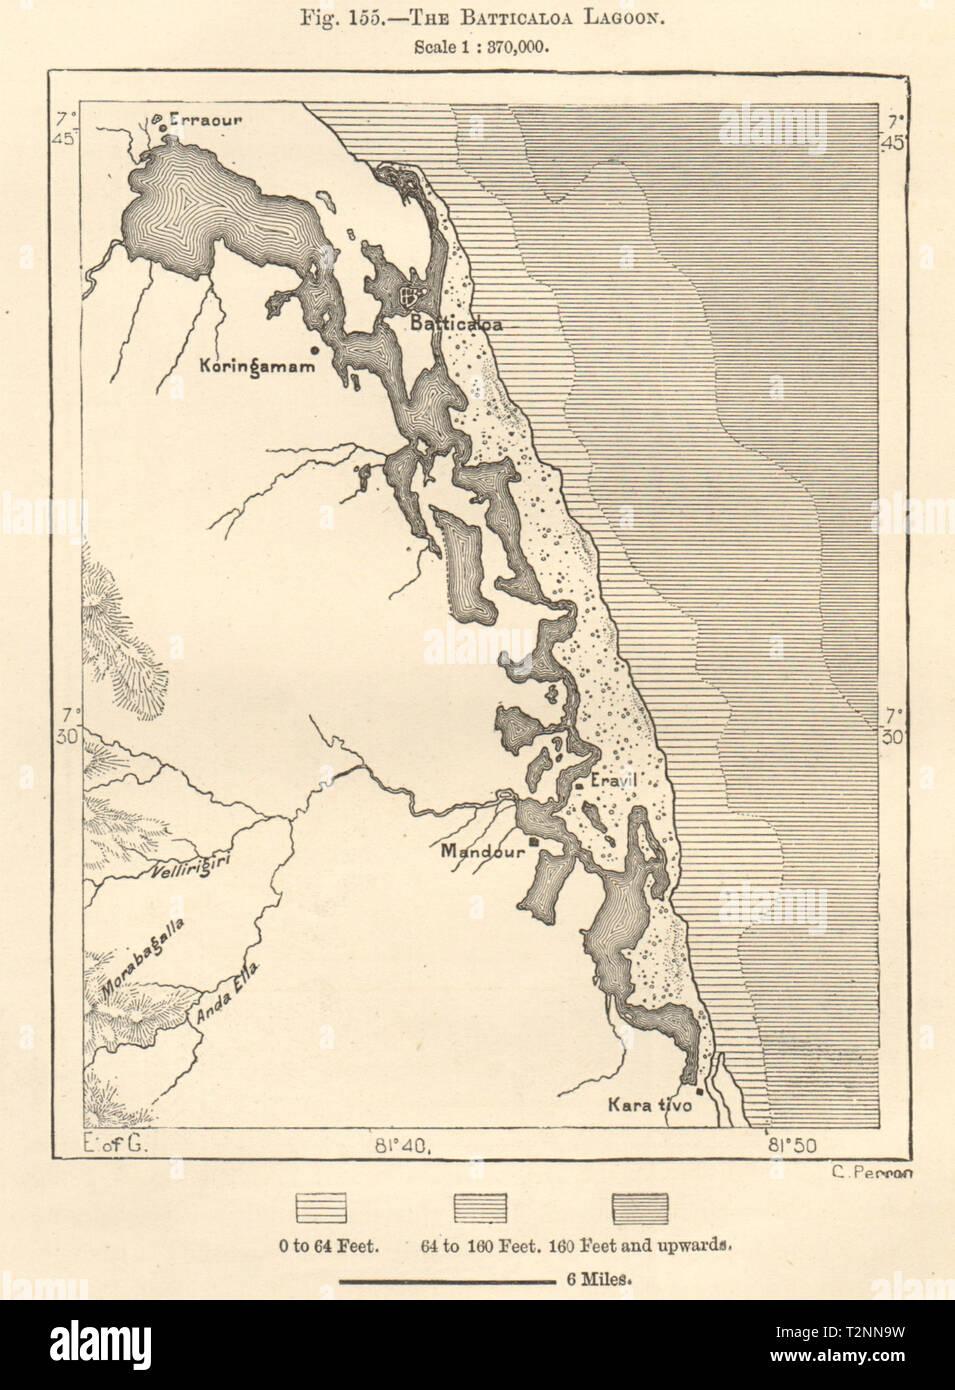 Colombo sketch map c1885 old antique vintage plan chart SRI LANKA